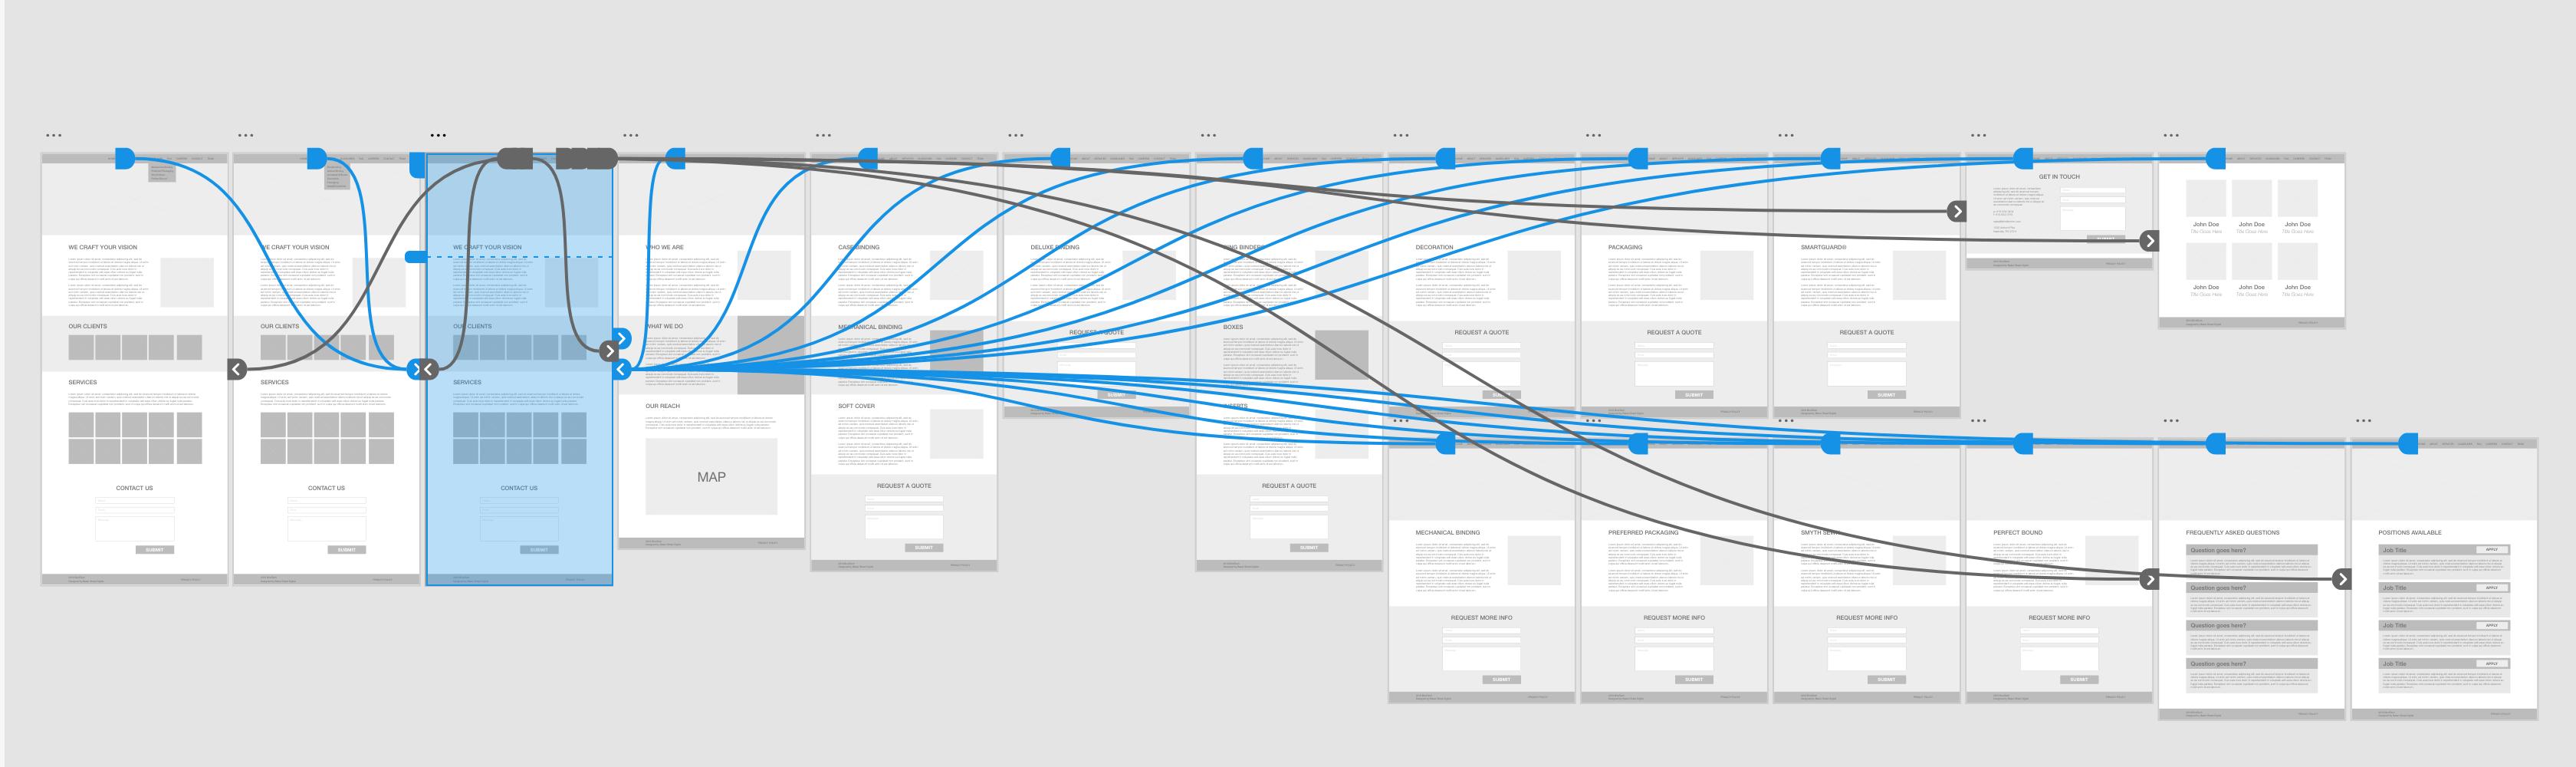 Adobe XD prototype links